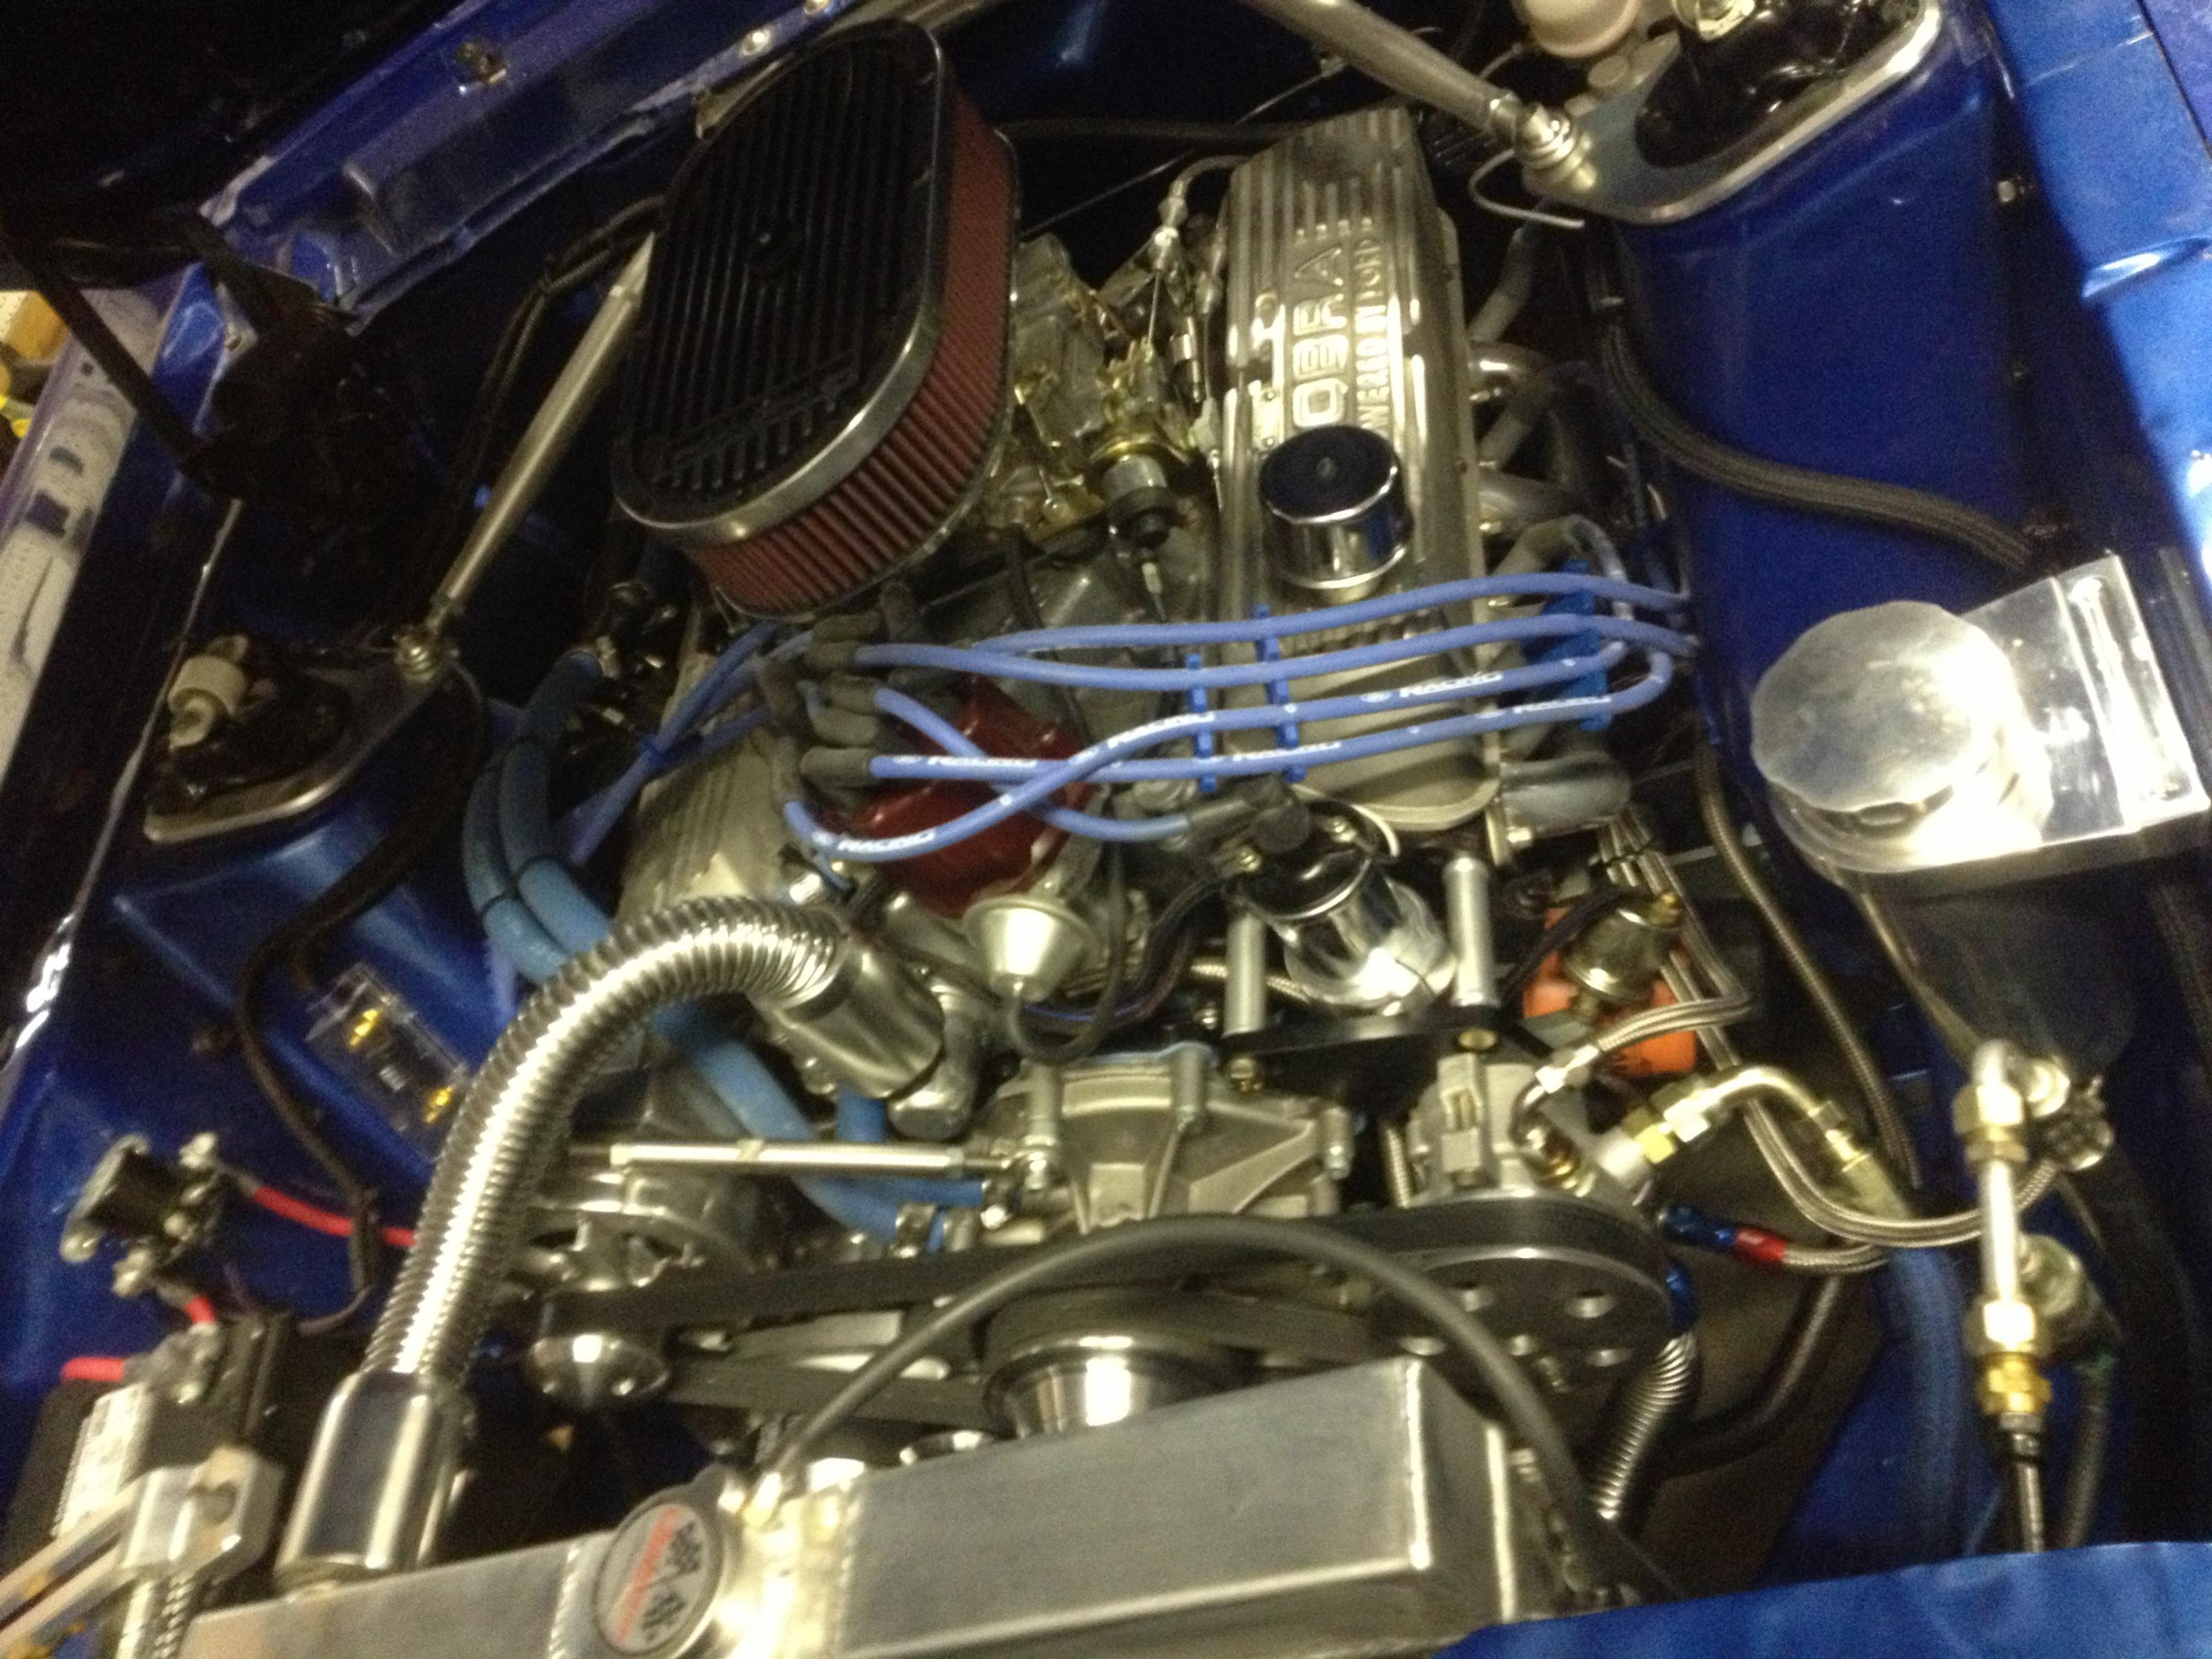 Mustang radiator hose size